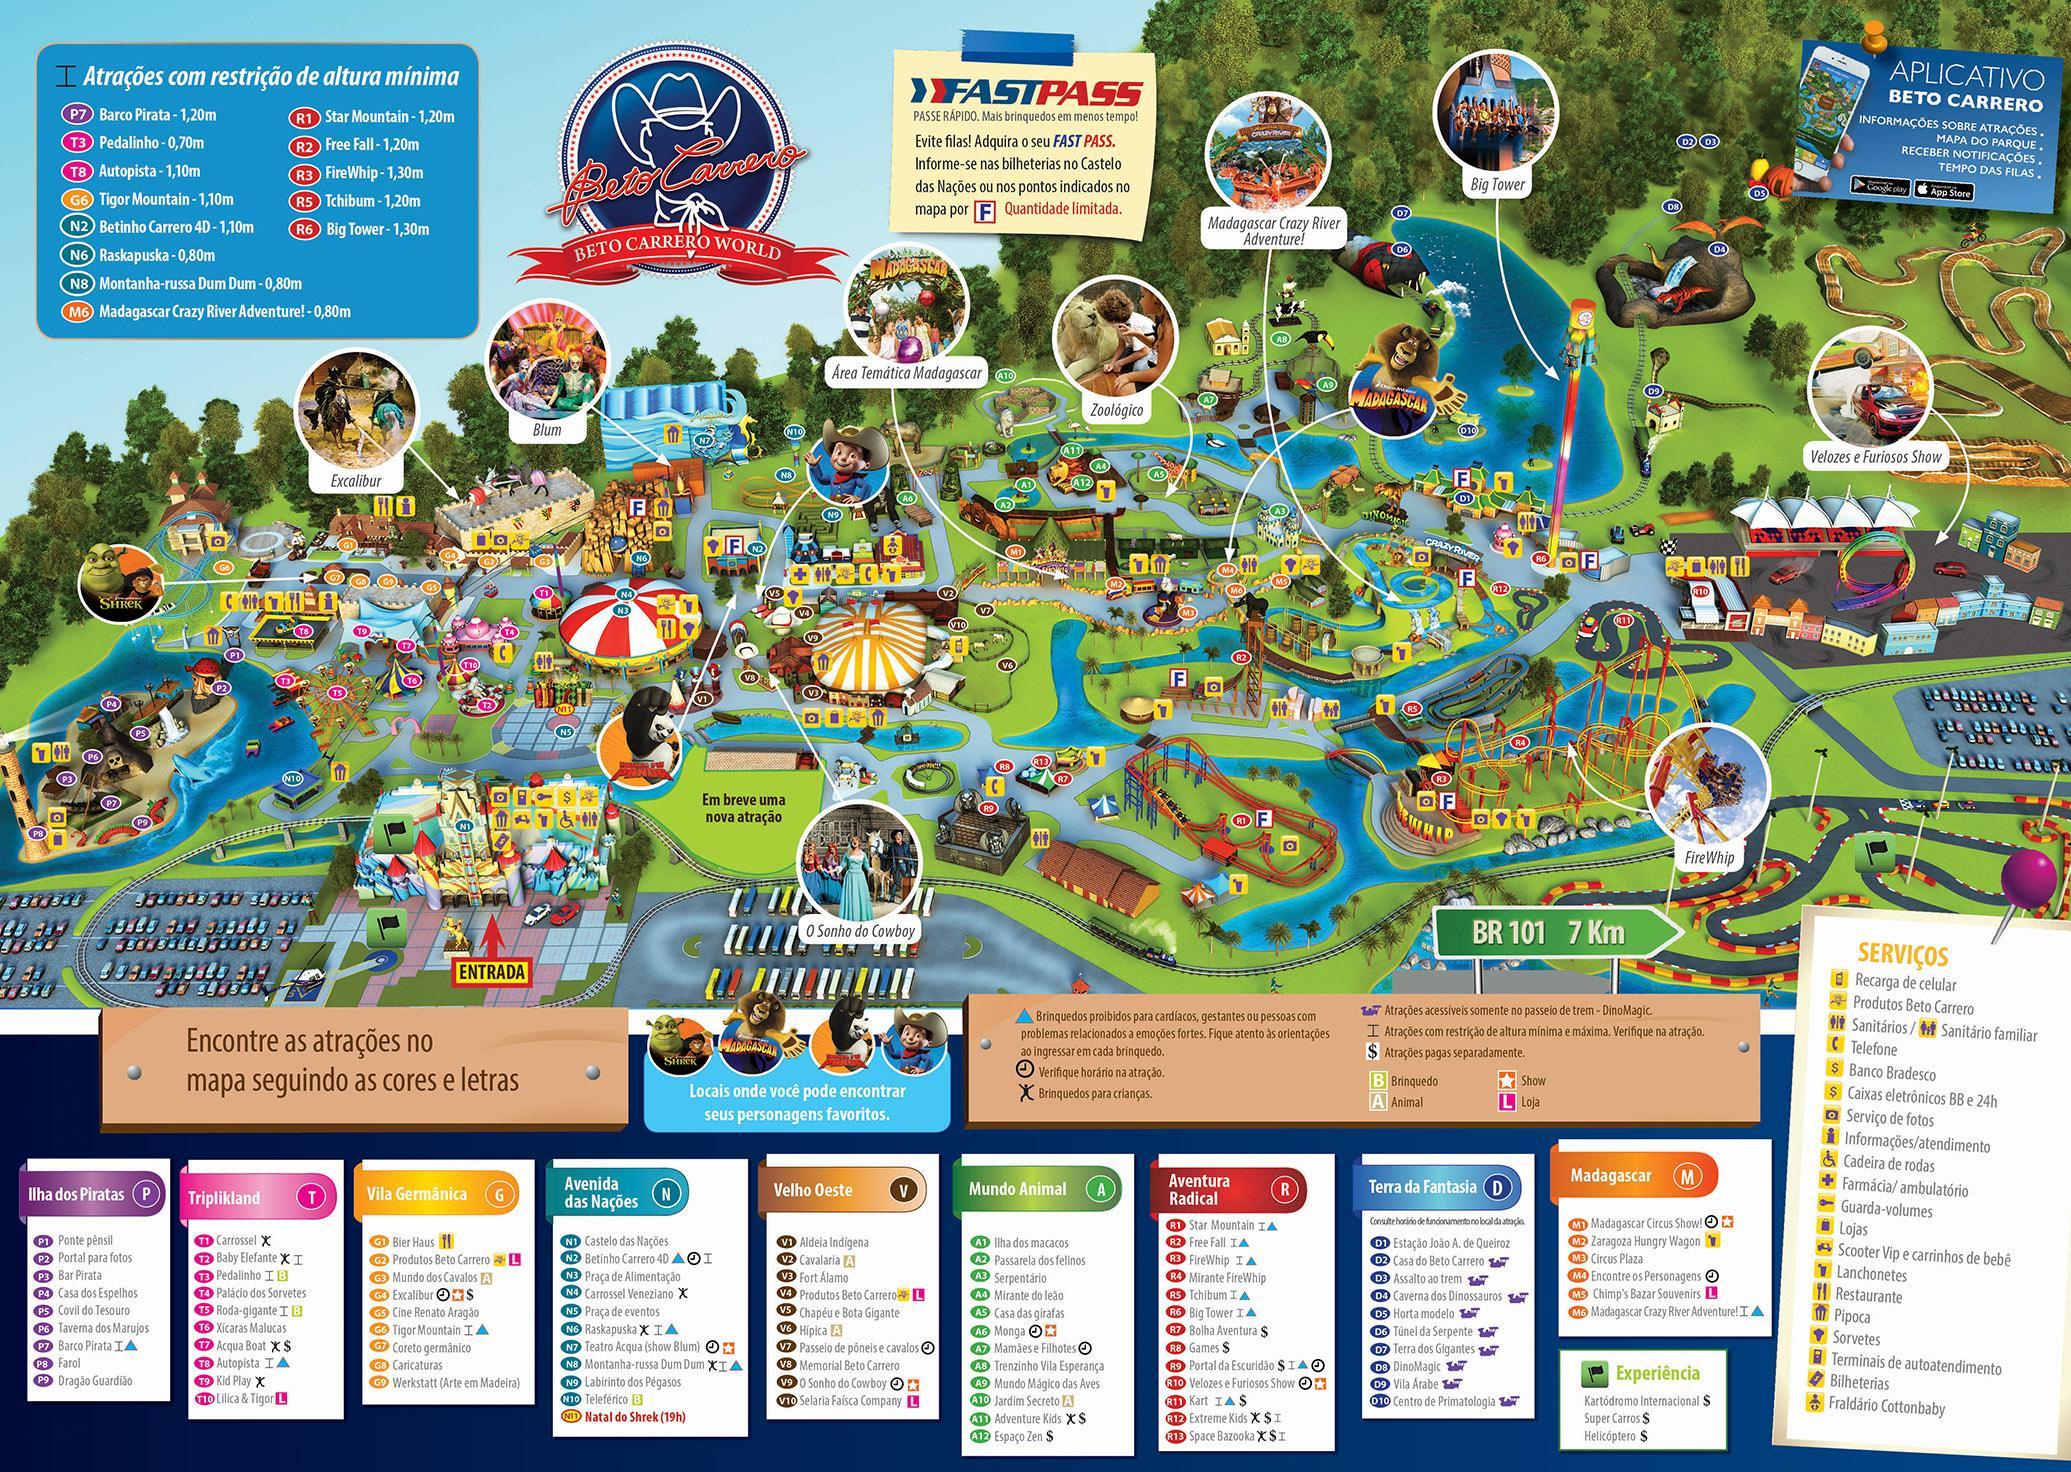 Beto Carrero Pasaulio Zemėlapis Zemėlapis Beto Carrero World